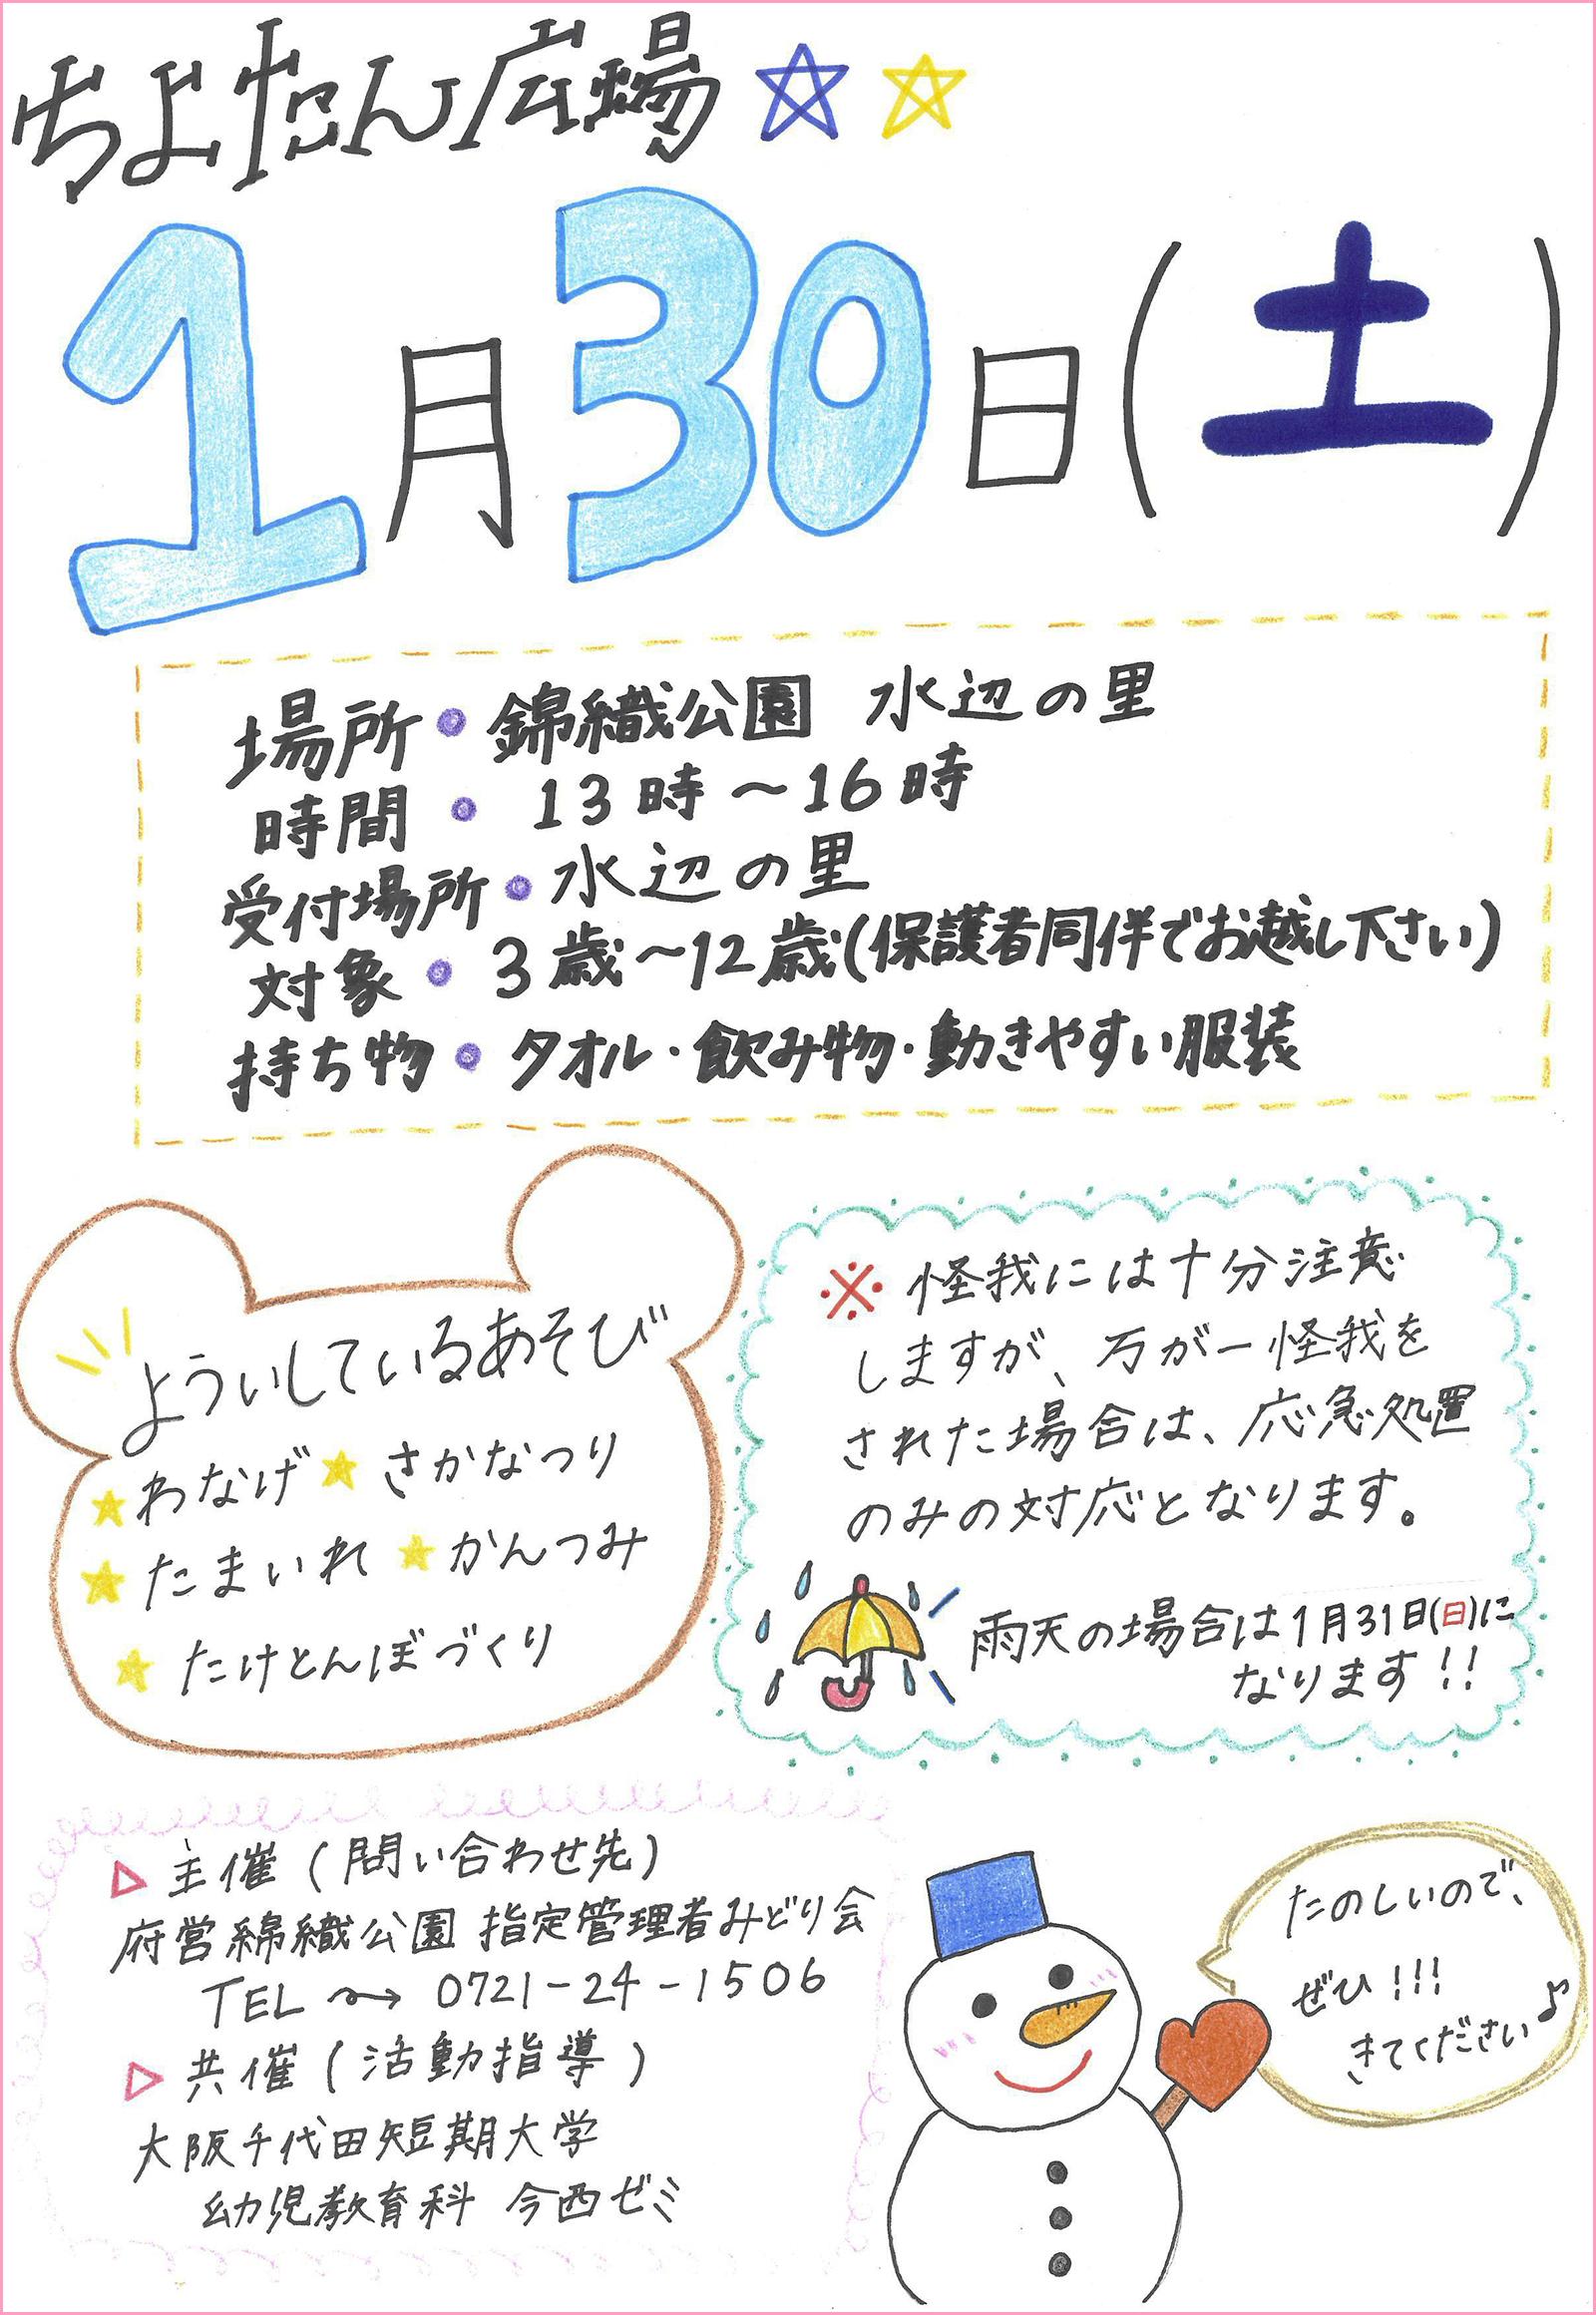 「ちよたん広場」イベント告知ポスター